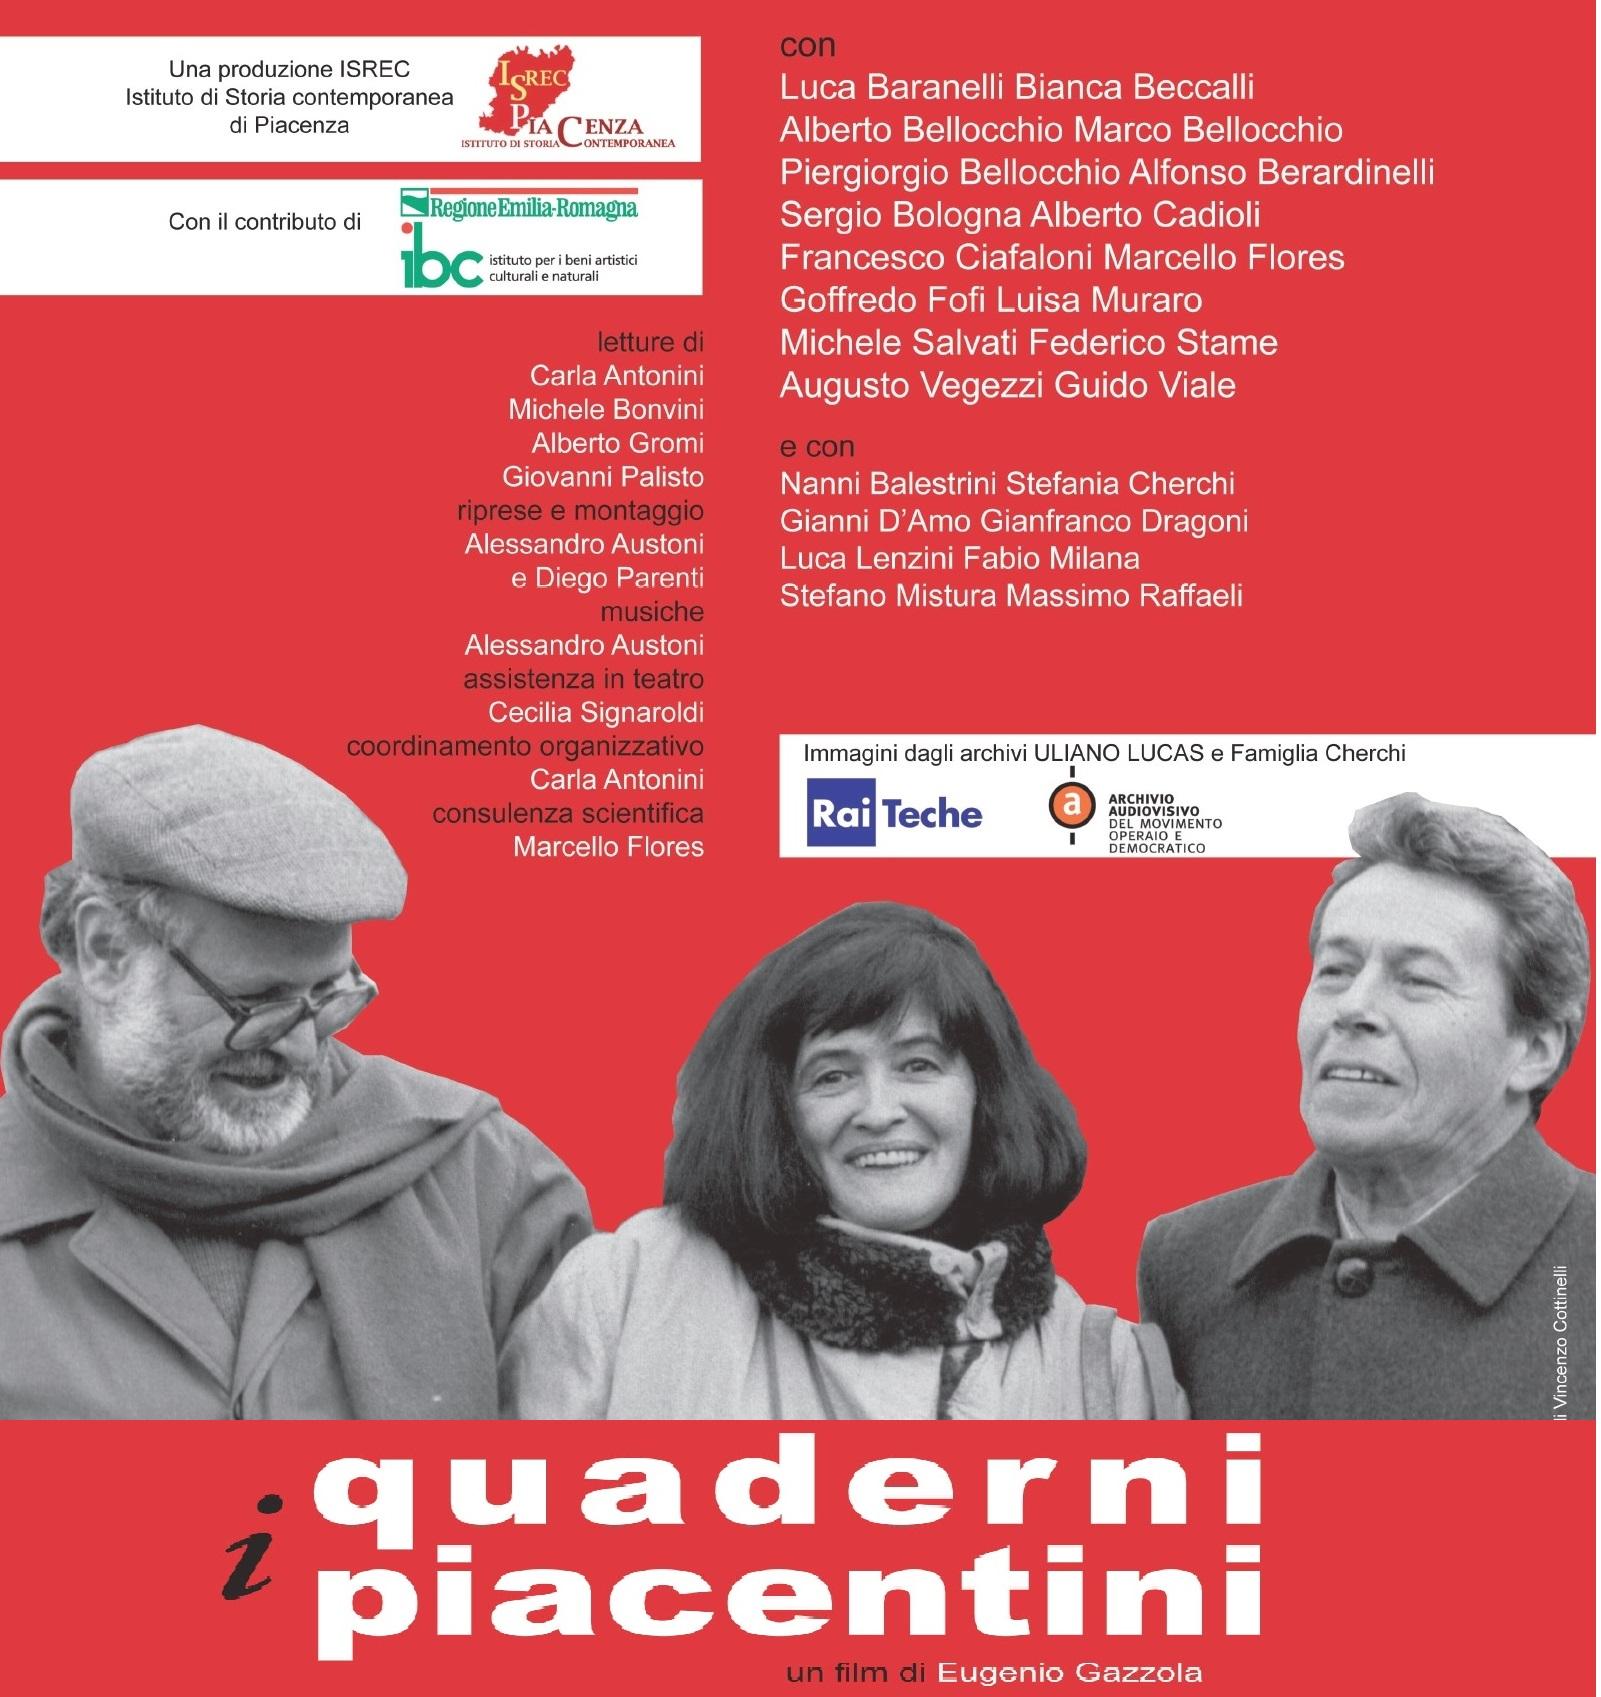 Quaderni piacentini: la première